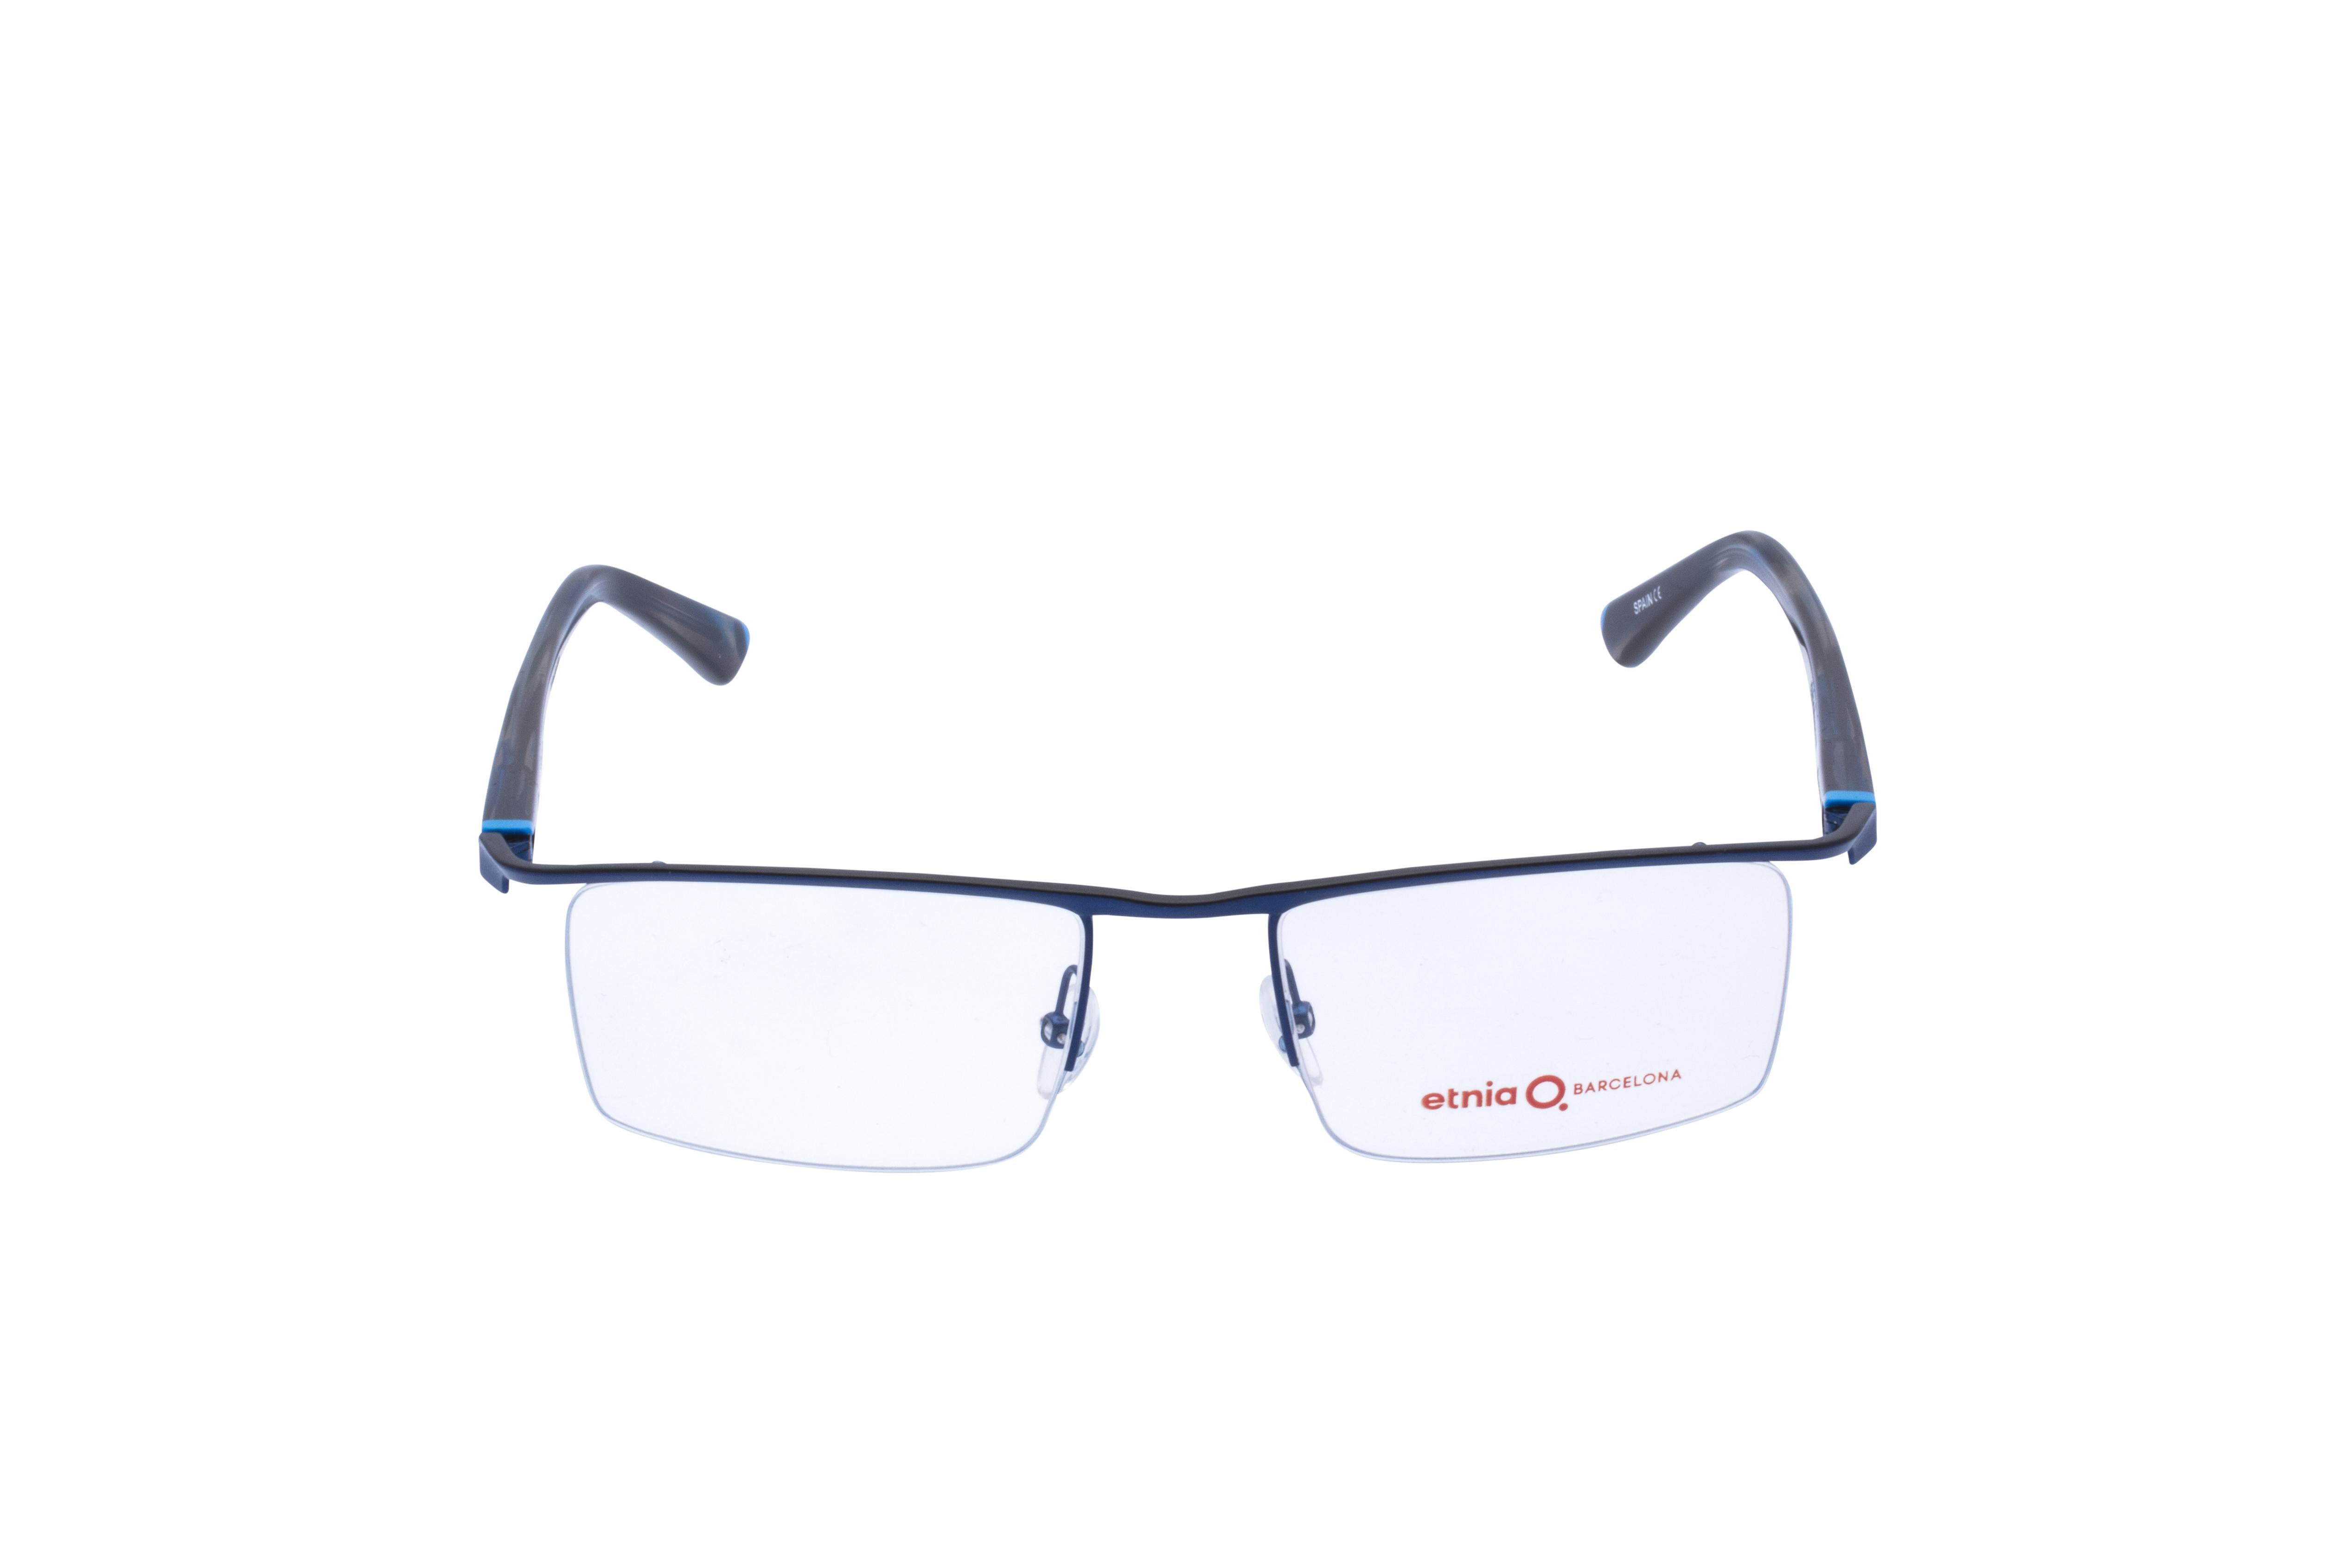 Etnia Smyrna Frontansicht, Brille auf Weiß